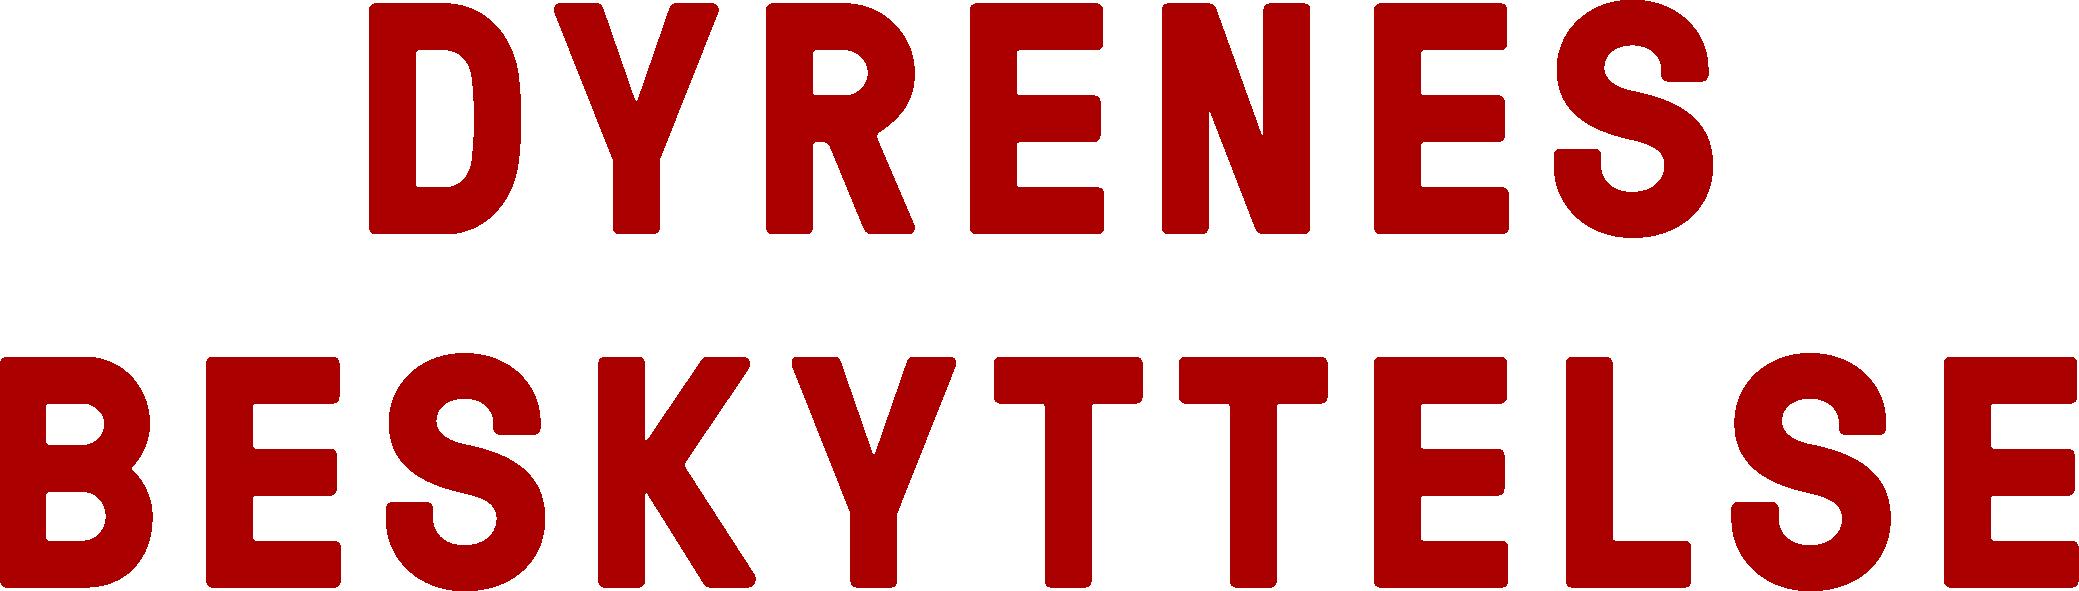 Dyrenes Beskyttelse logo - rød | Dyrenes Beskyttelse